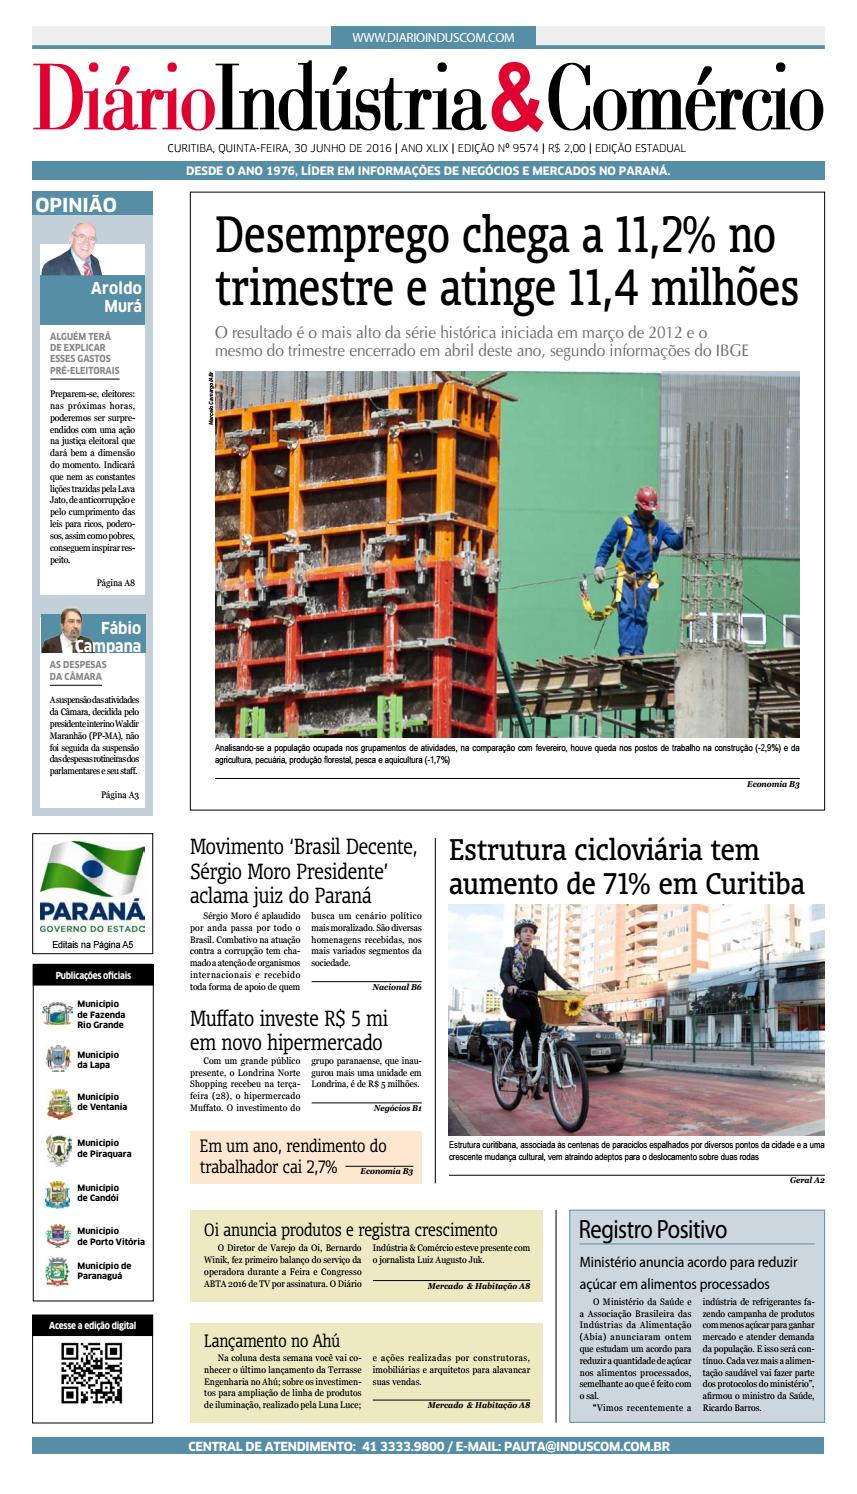 Diário Indústria Comércio - 30 de junho de 2016 by Diário Indústria    Comércio - issuu 6743c468581